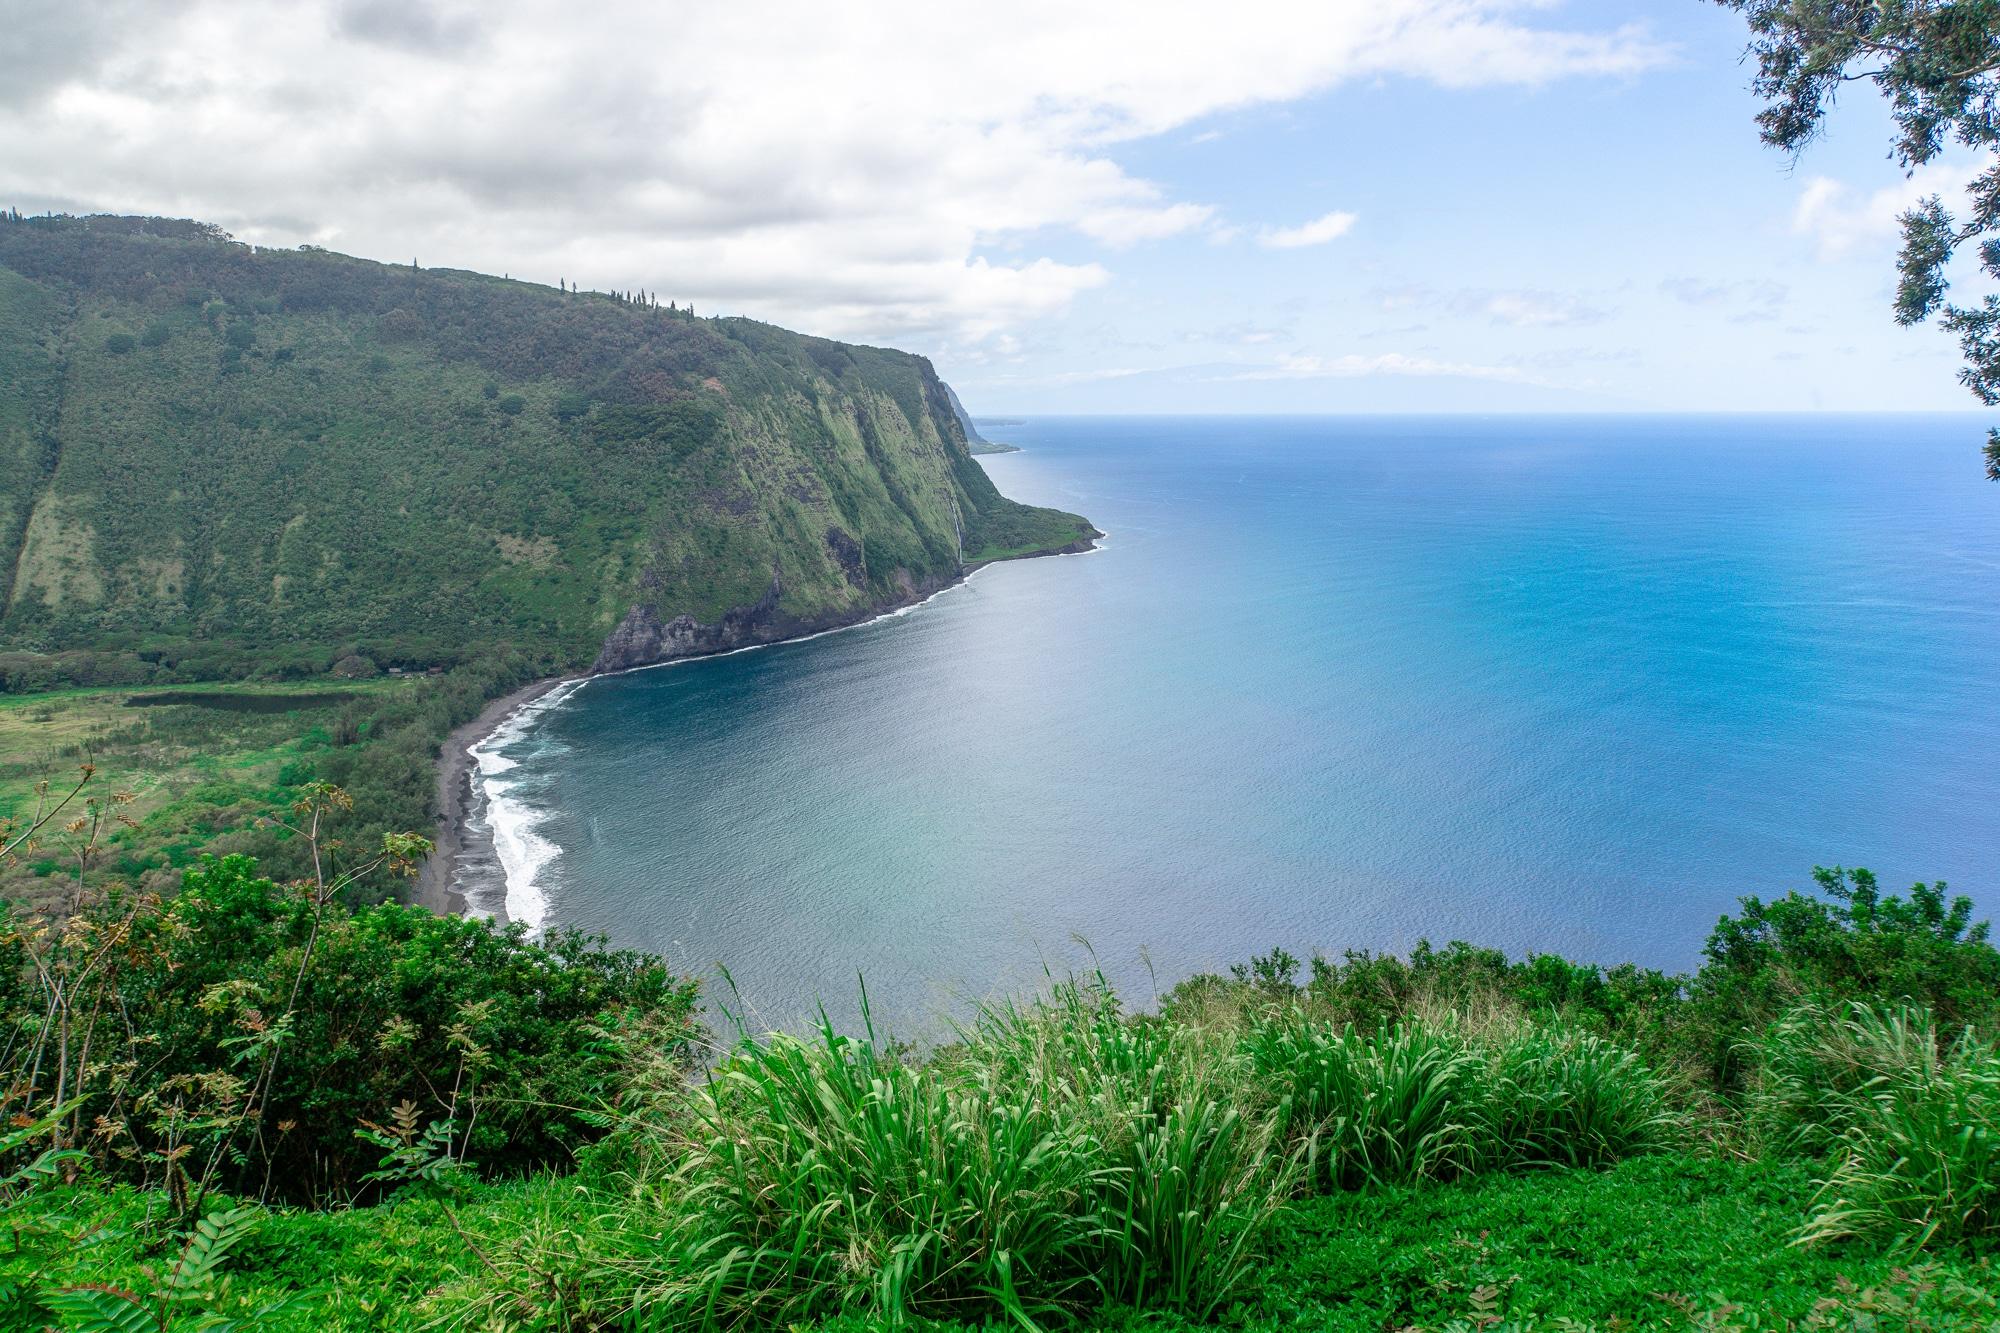 Schönste Strände auf Big Island: 6 Traumstrände für eure Hawaii Reise - Waipio Beach im Waipio Valley